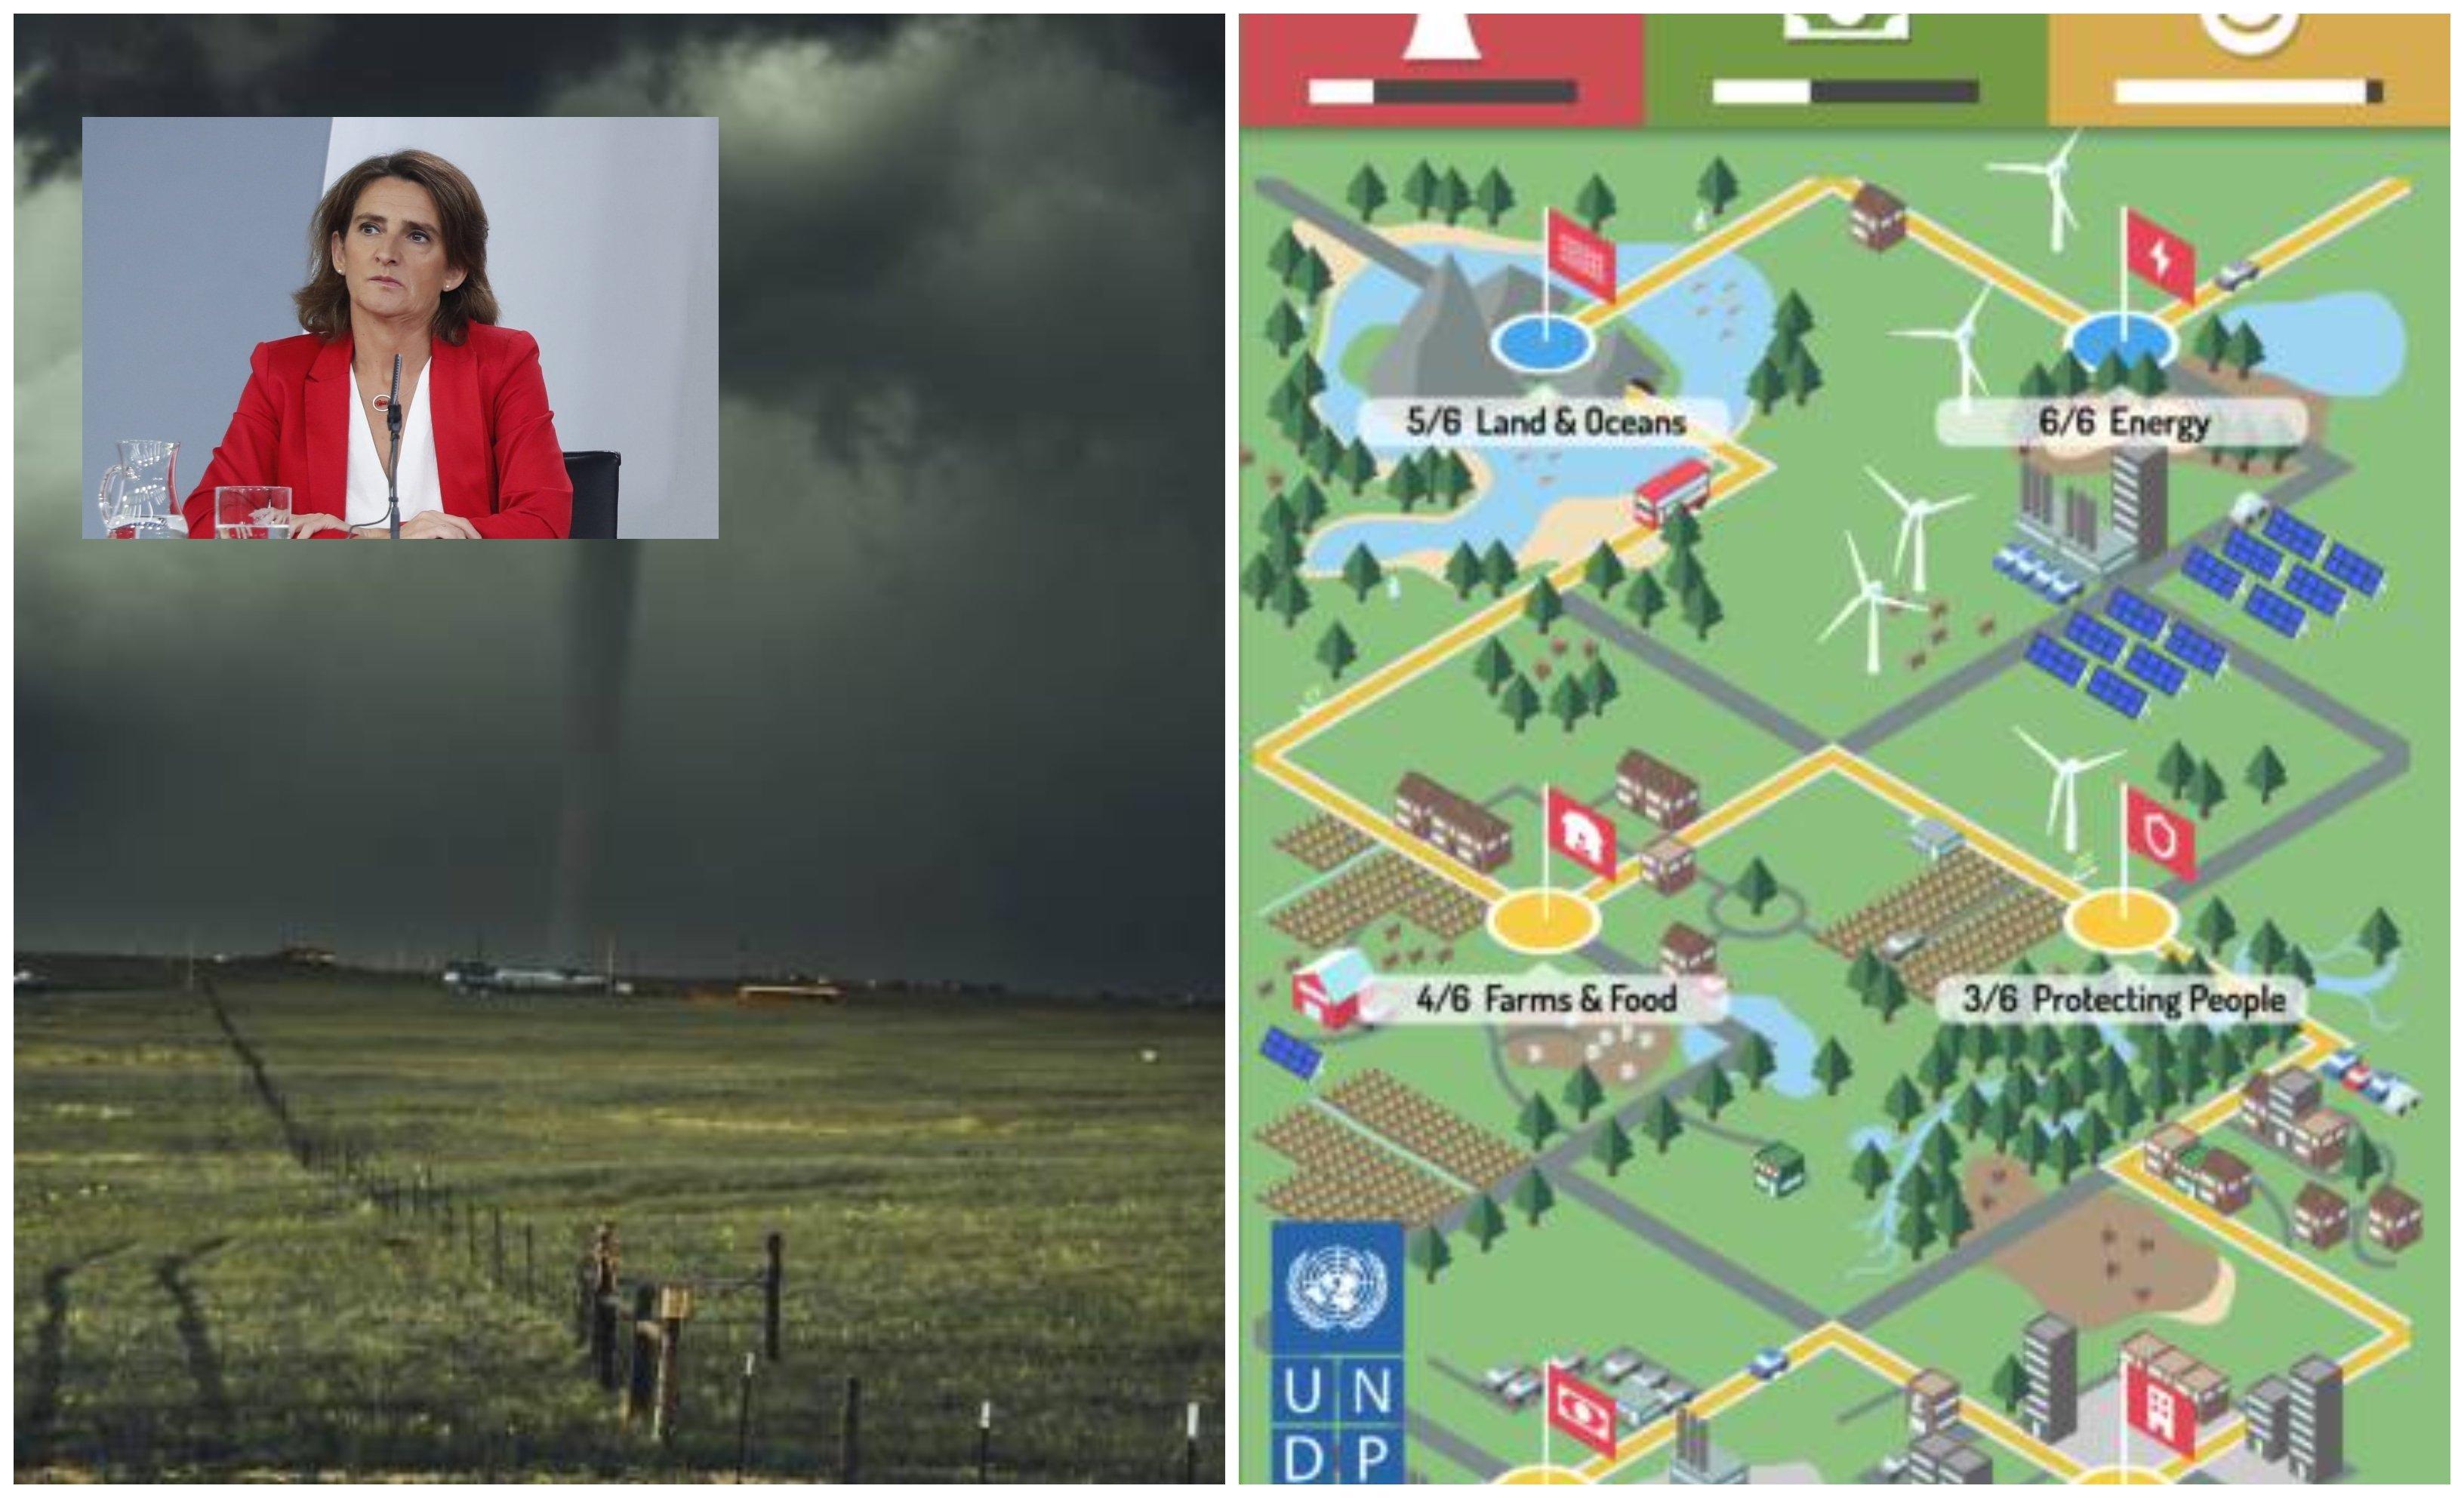 La vicepresidenta Ribera está de enhorabuena: lanzan 'Mission 1.5', el videojuego para salvar al planeta del cambio climático